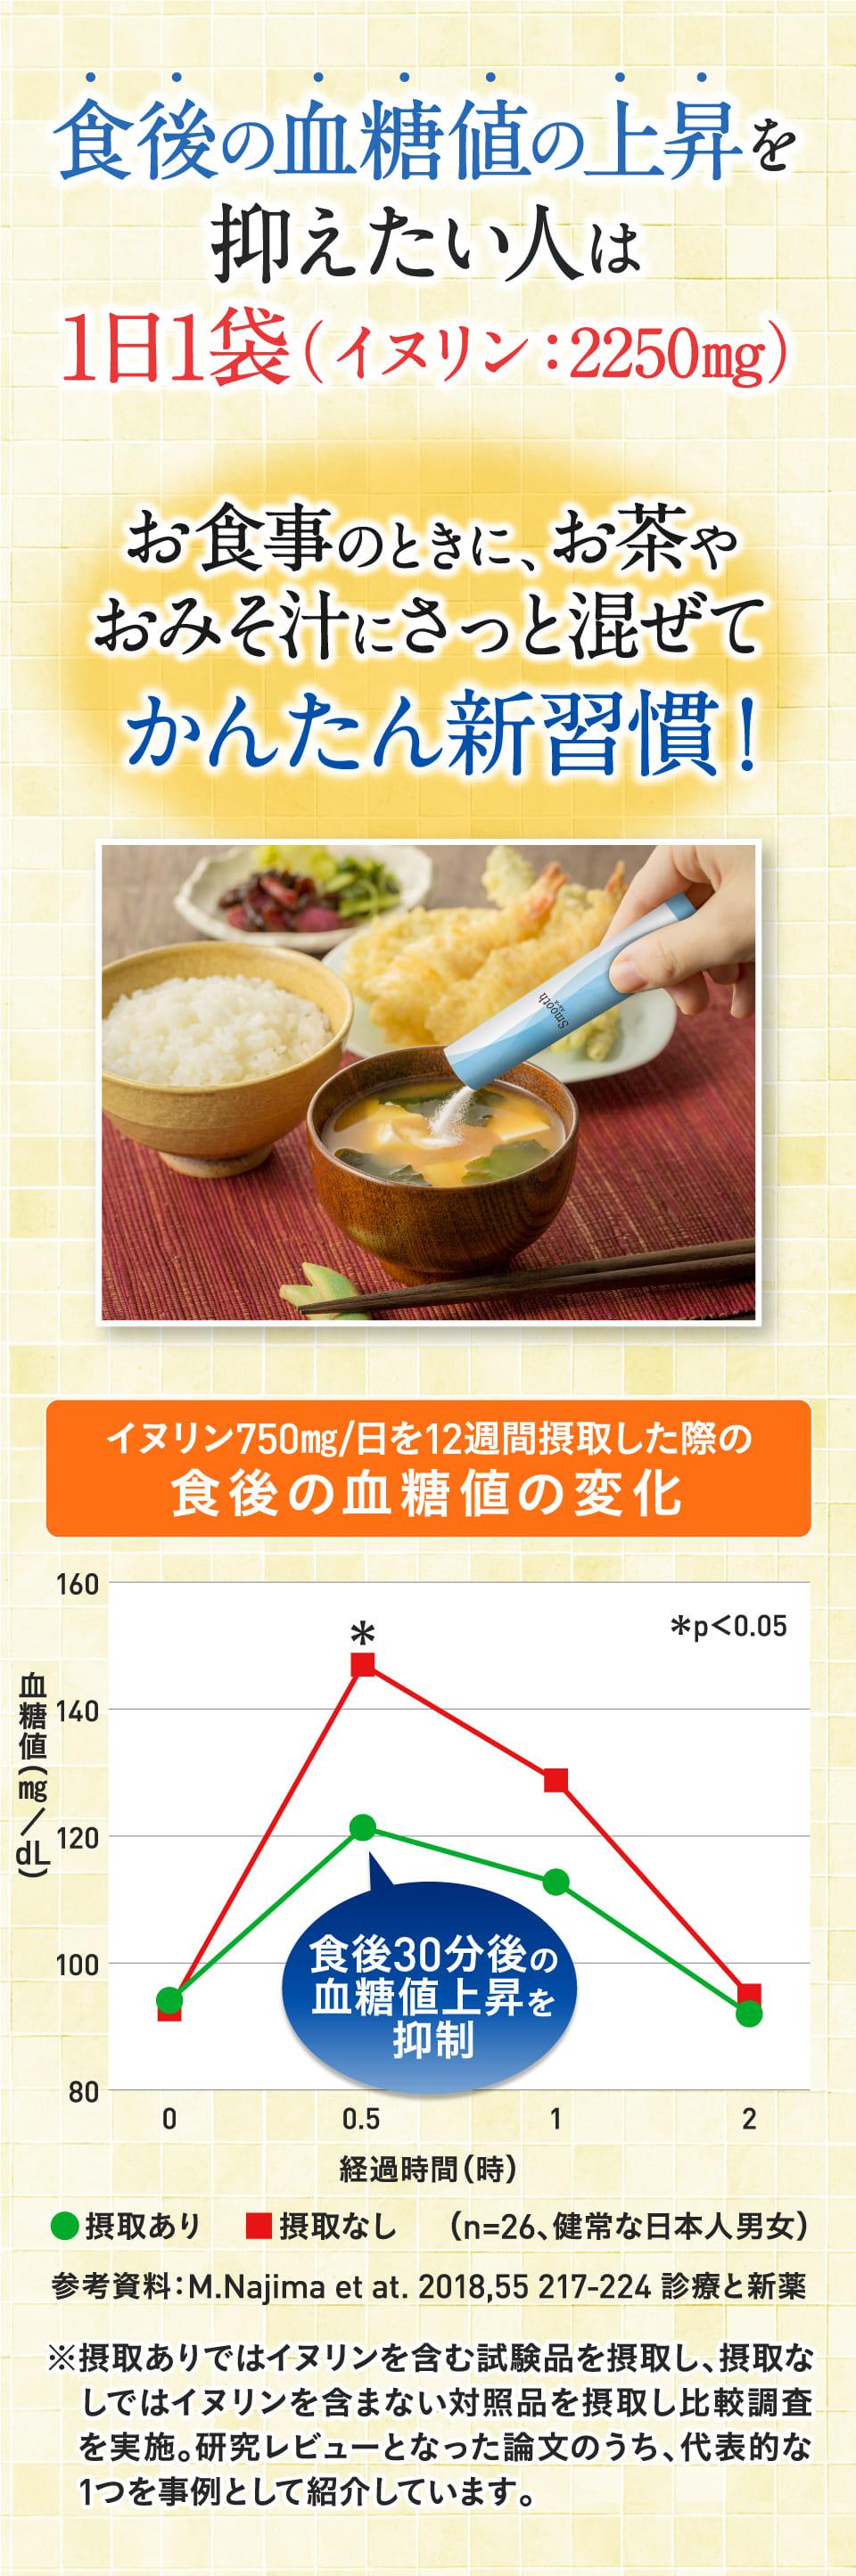 食後の血糖値の上昇を抑えたい人は1日1袋